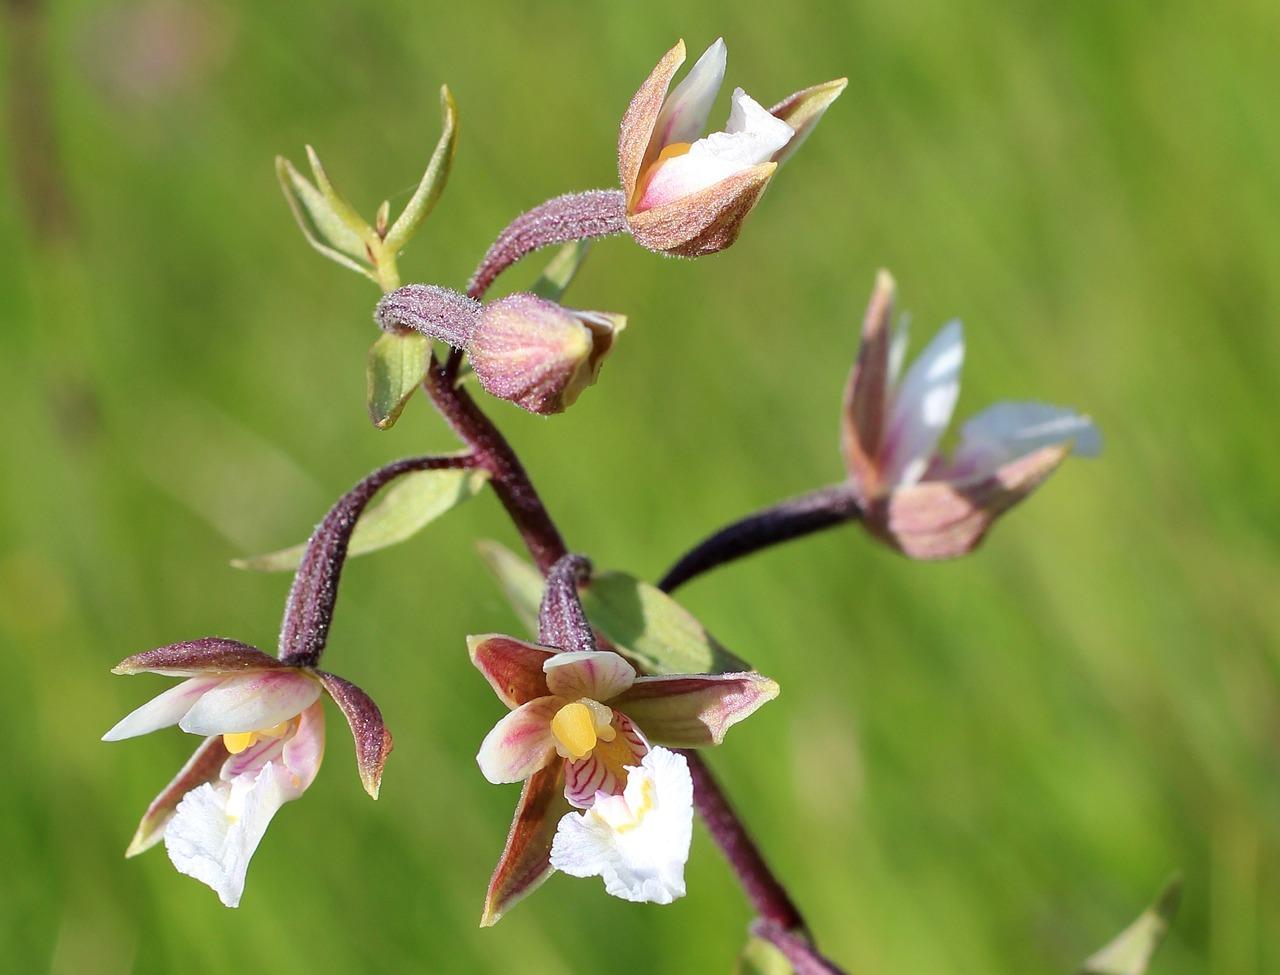 《沼泽里的兰花》司溟 沼泽里的兰花免费全文